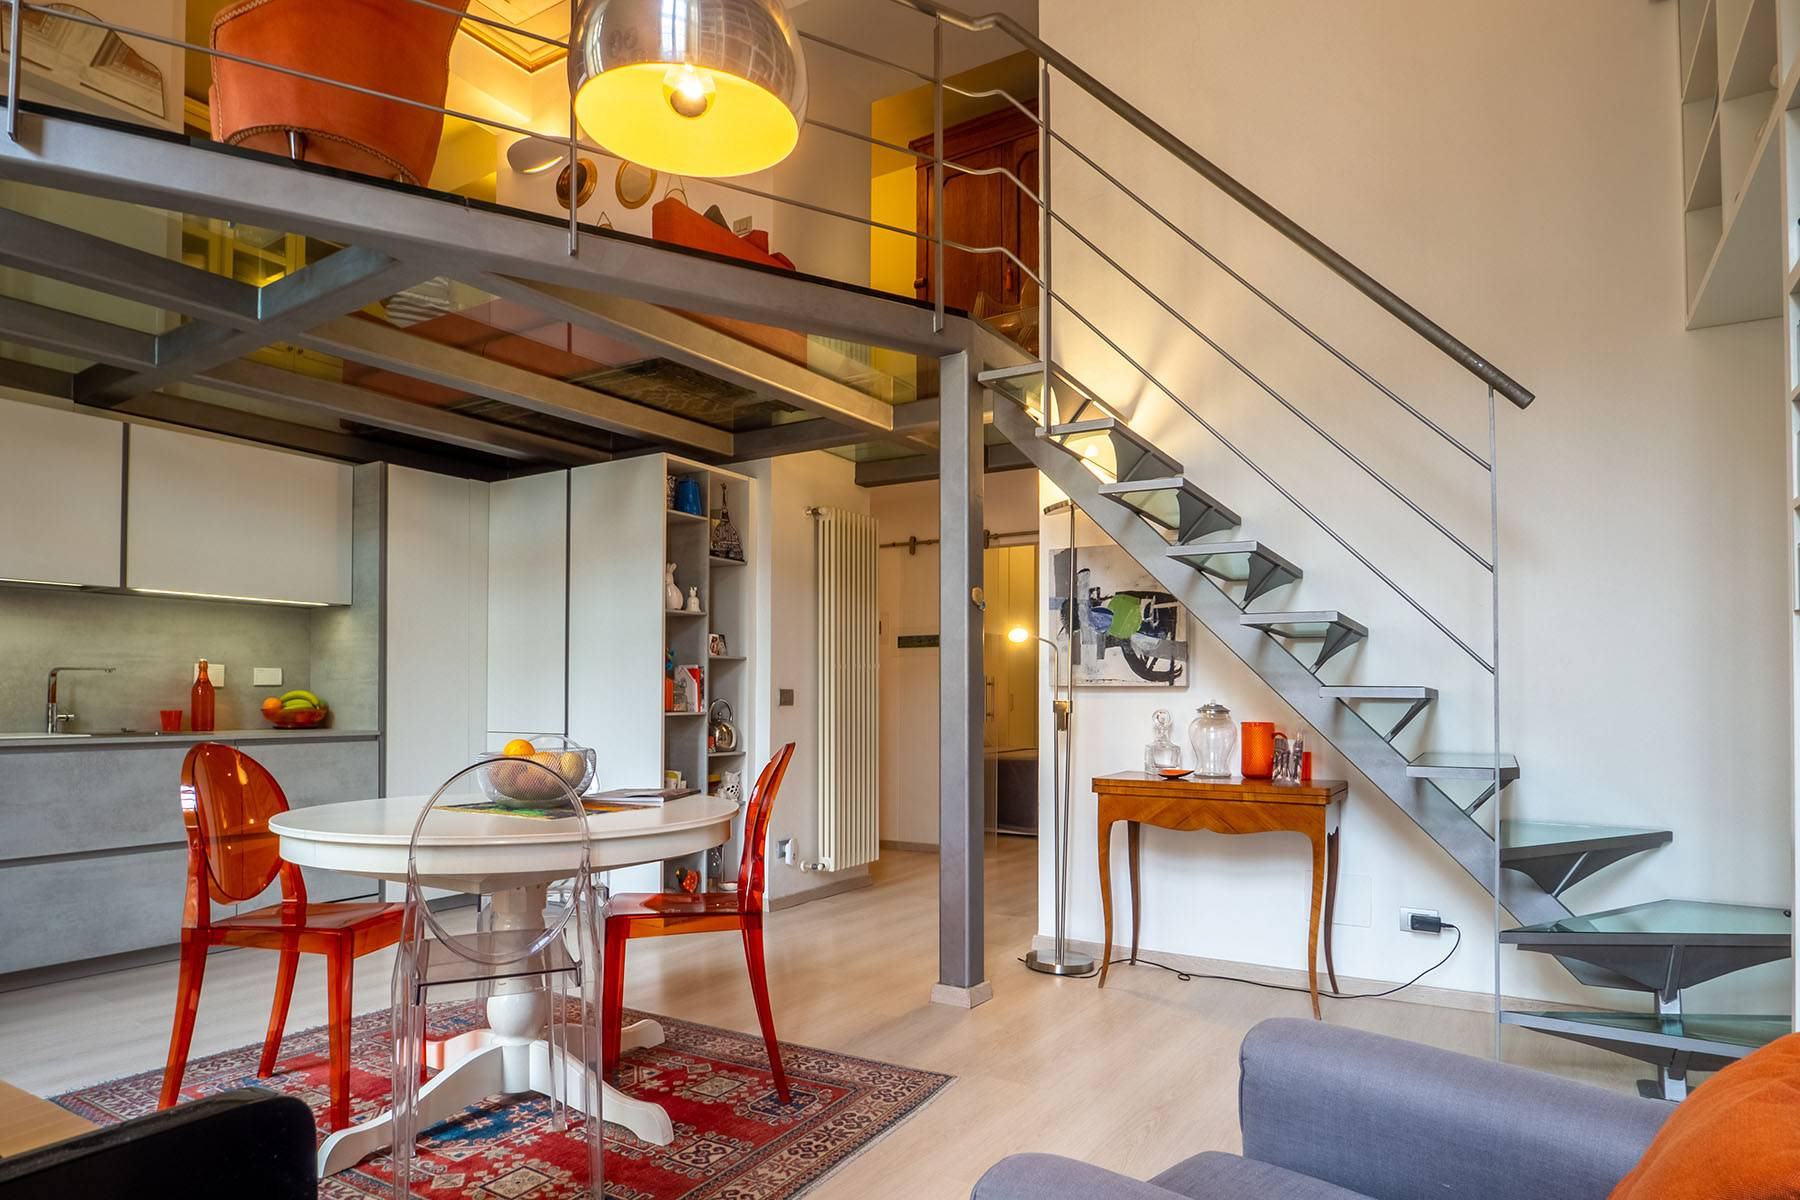 Appartamento in Vendita a Torino: 3 locali, 132 mq - Foto 4